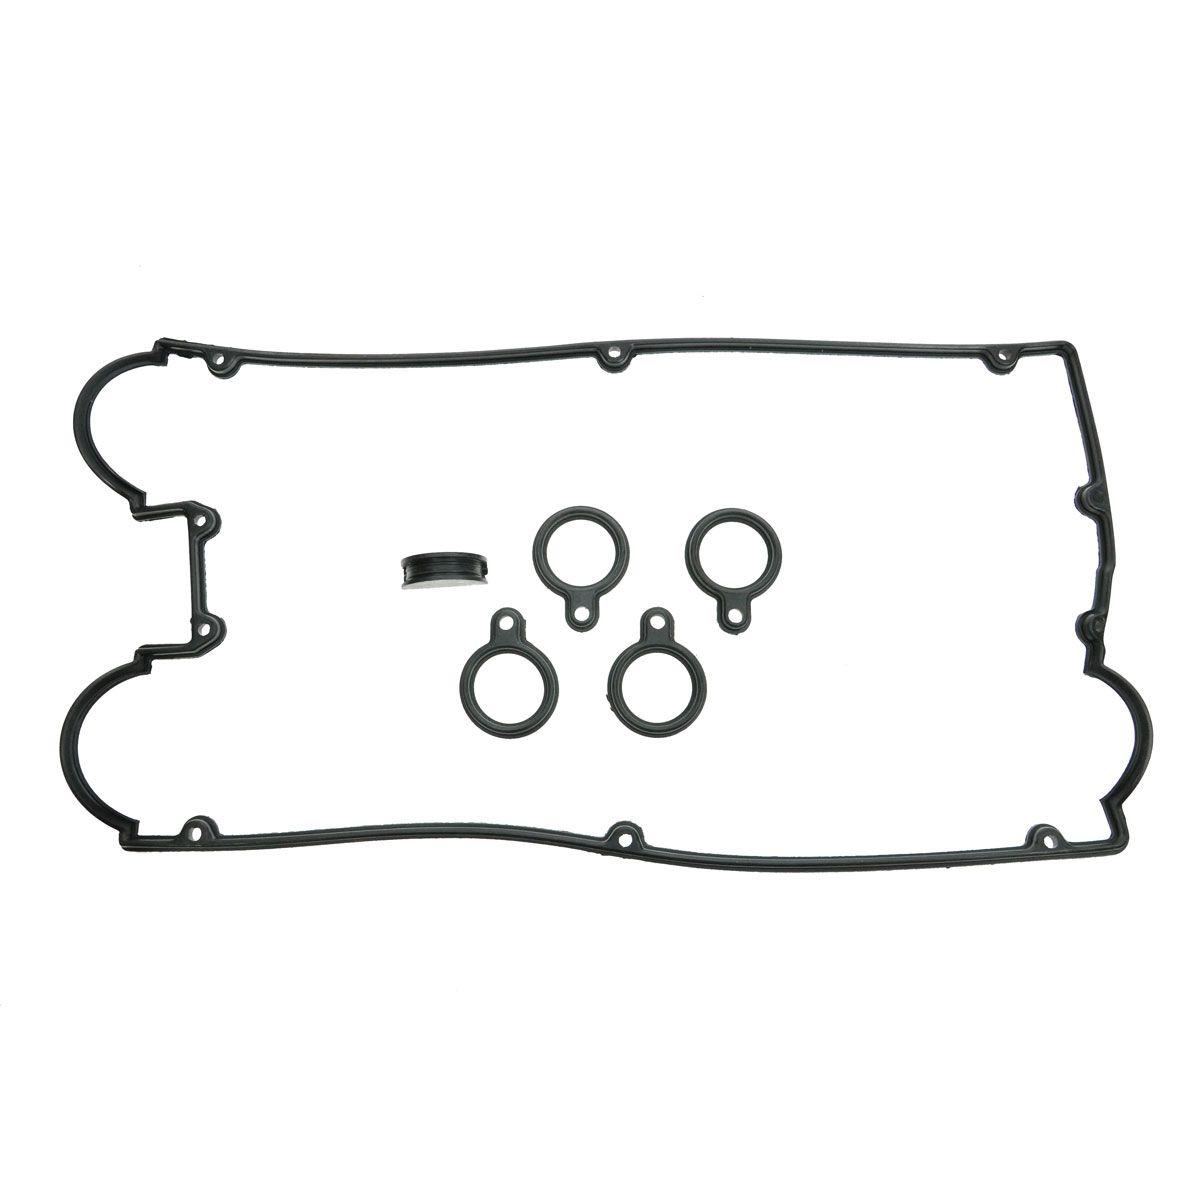 4 Cylinder Valve Cover Gasket Set Kit for Colt Laser